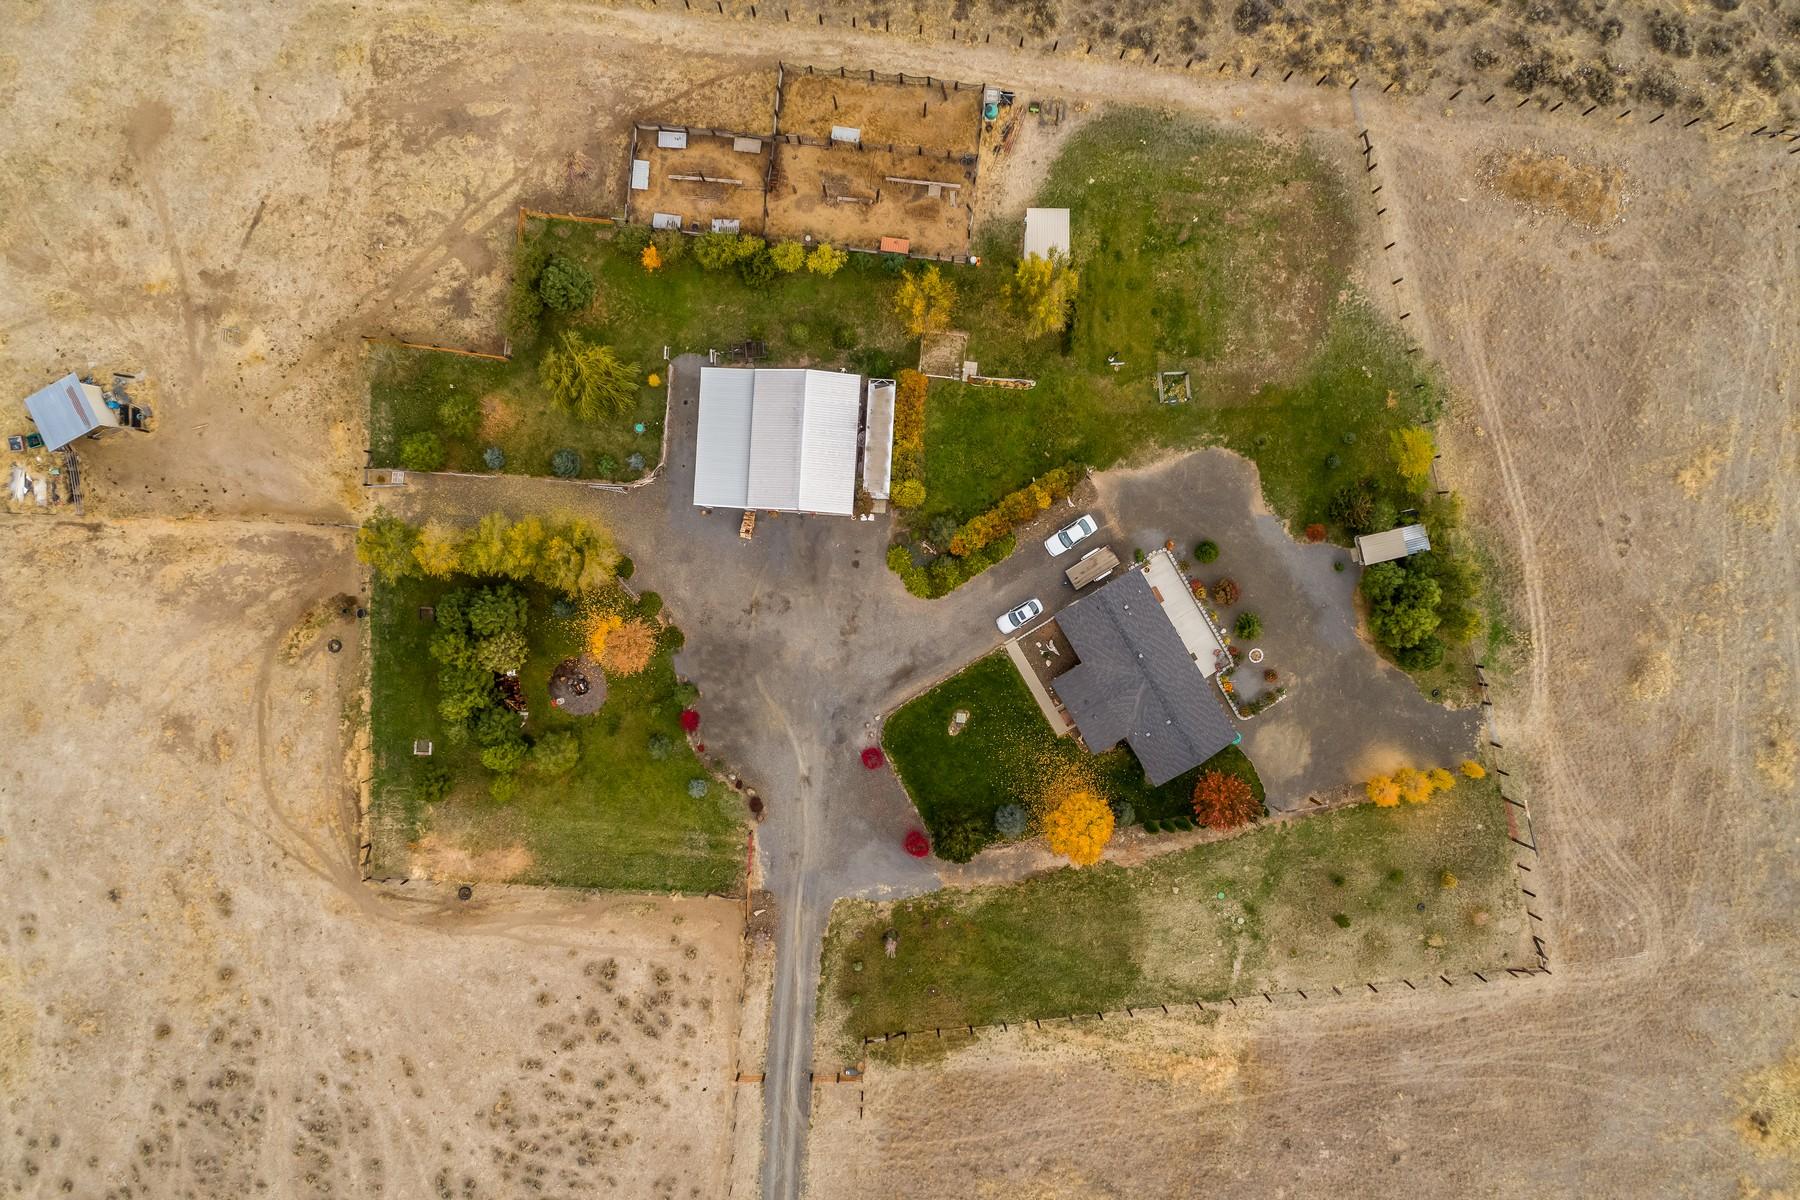 Land for Sale at Vantage Hwy, Ellensburg 18671 Vantage Hwy Ellensburg, Washington 98926 United States